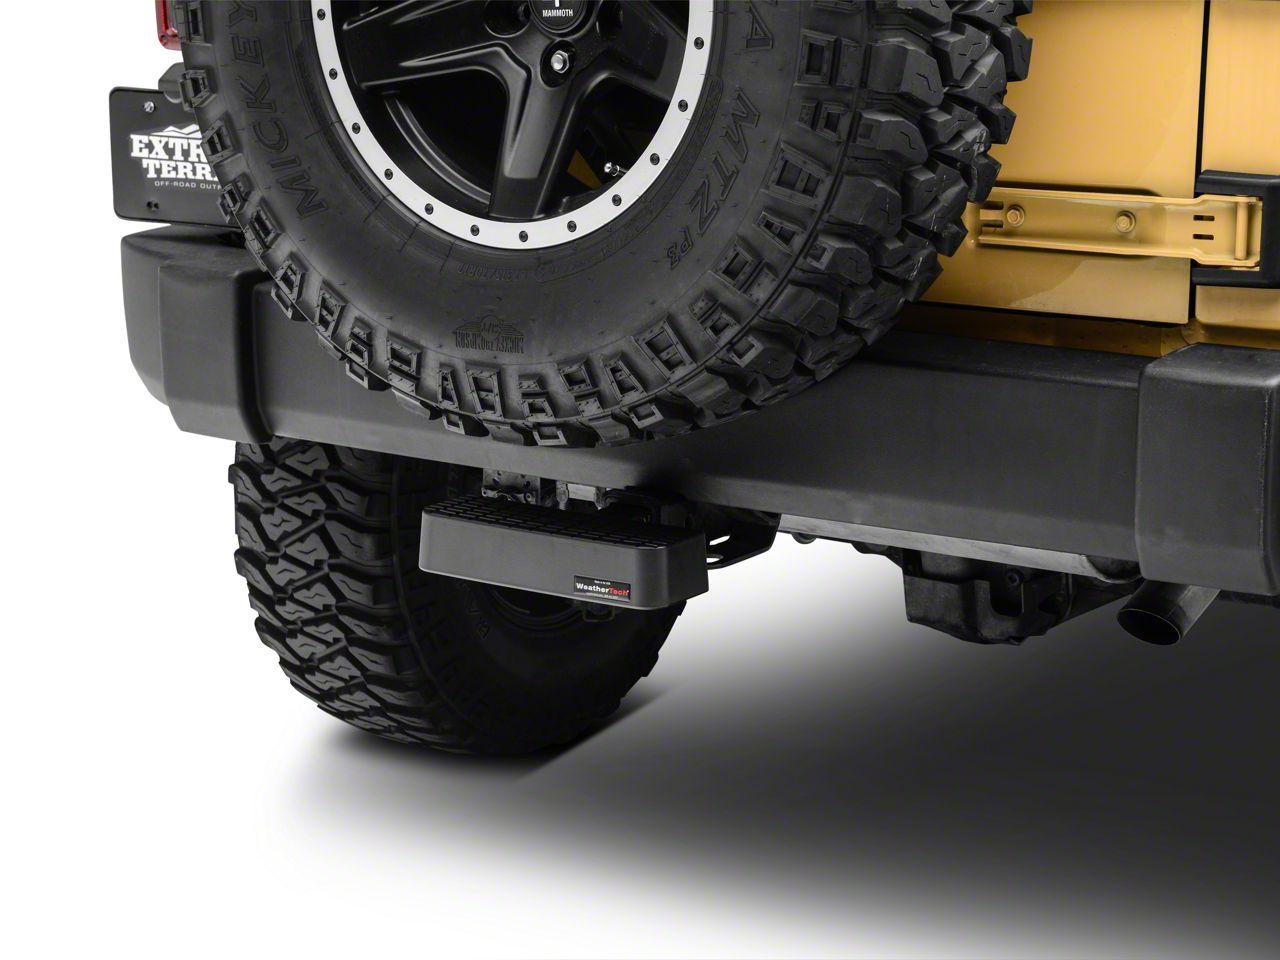 Weathertech Rear Bump Step - Black (87-18 Jeep Wrangler YJ, TJ, JK & JL)